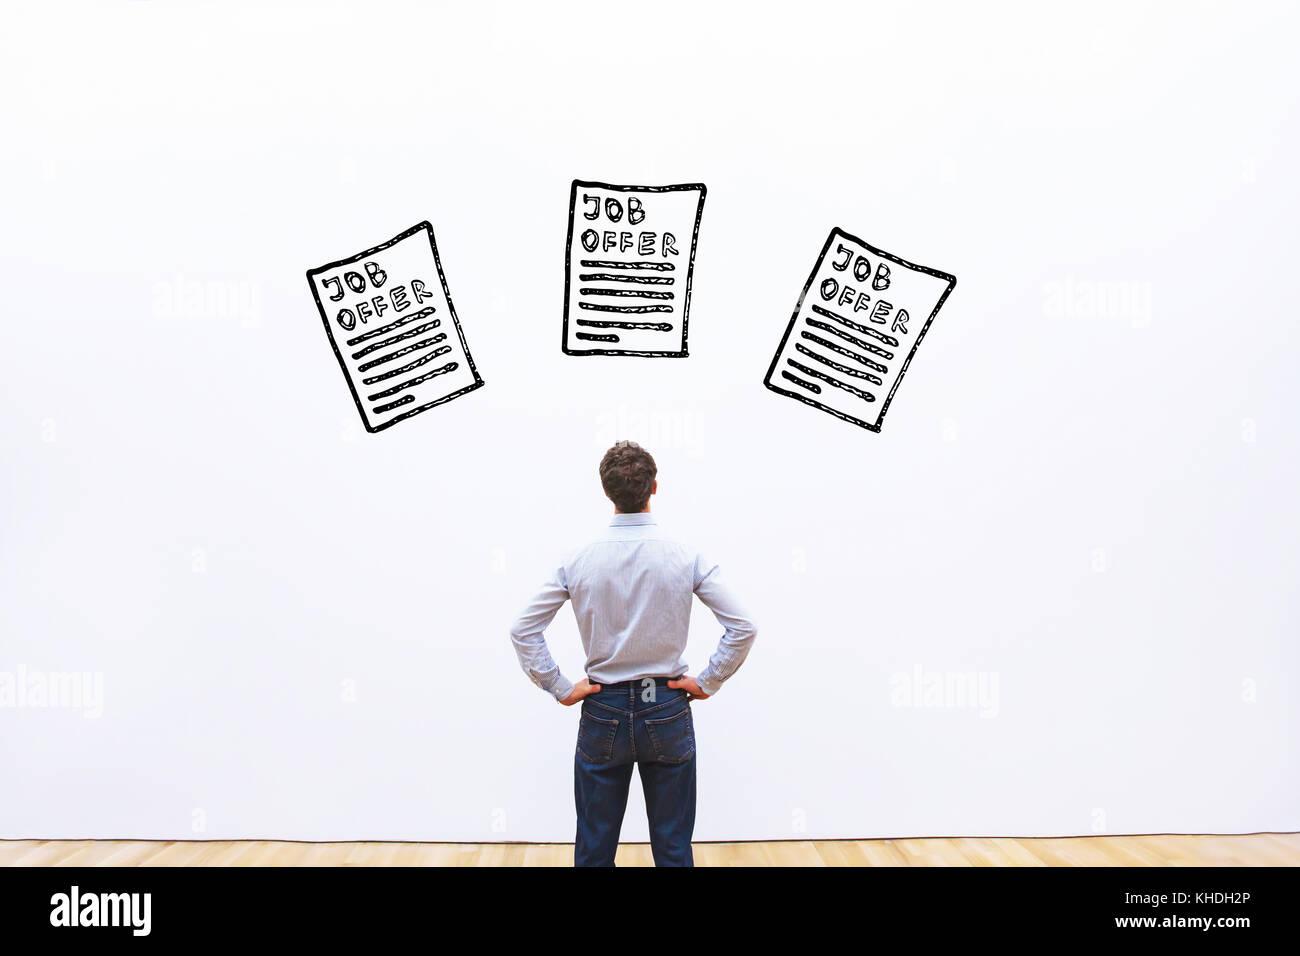 Elegir concepto de carrera, hombre de negocios busca en la elección de muchas ofertas de trabajo Imagen De Stock